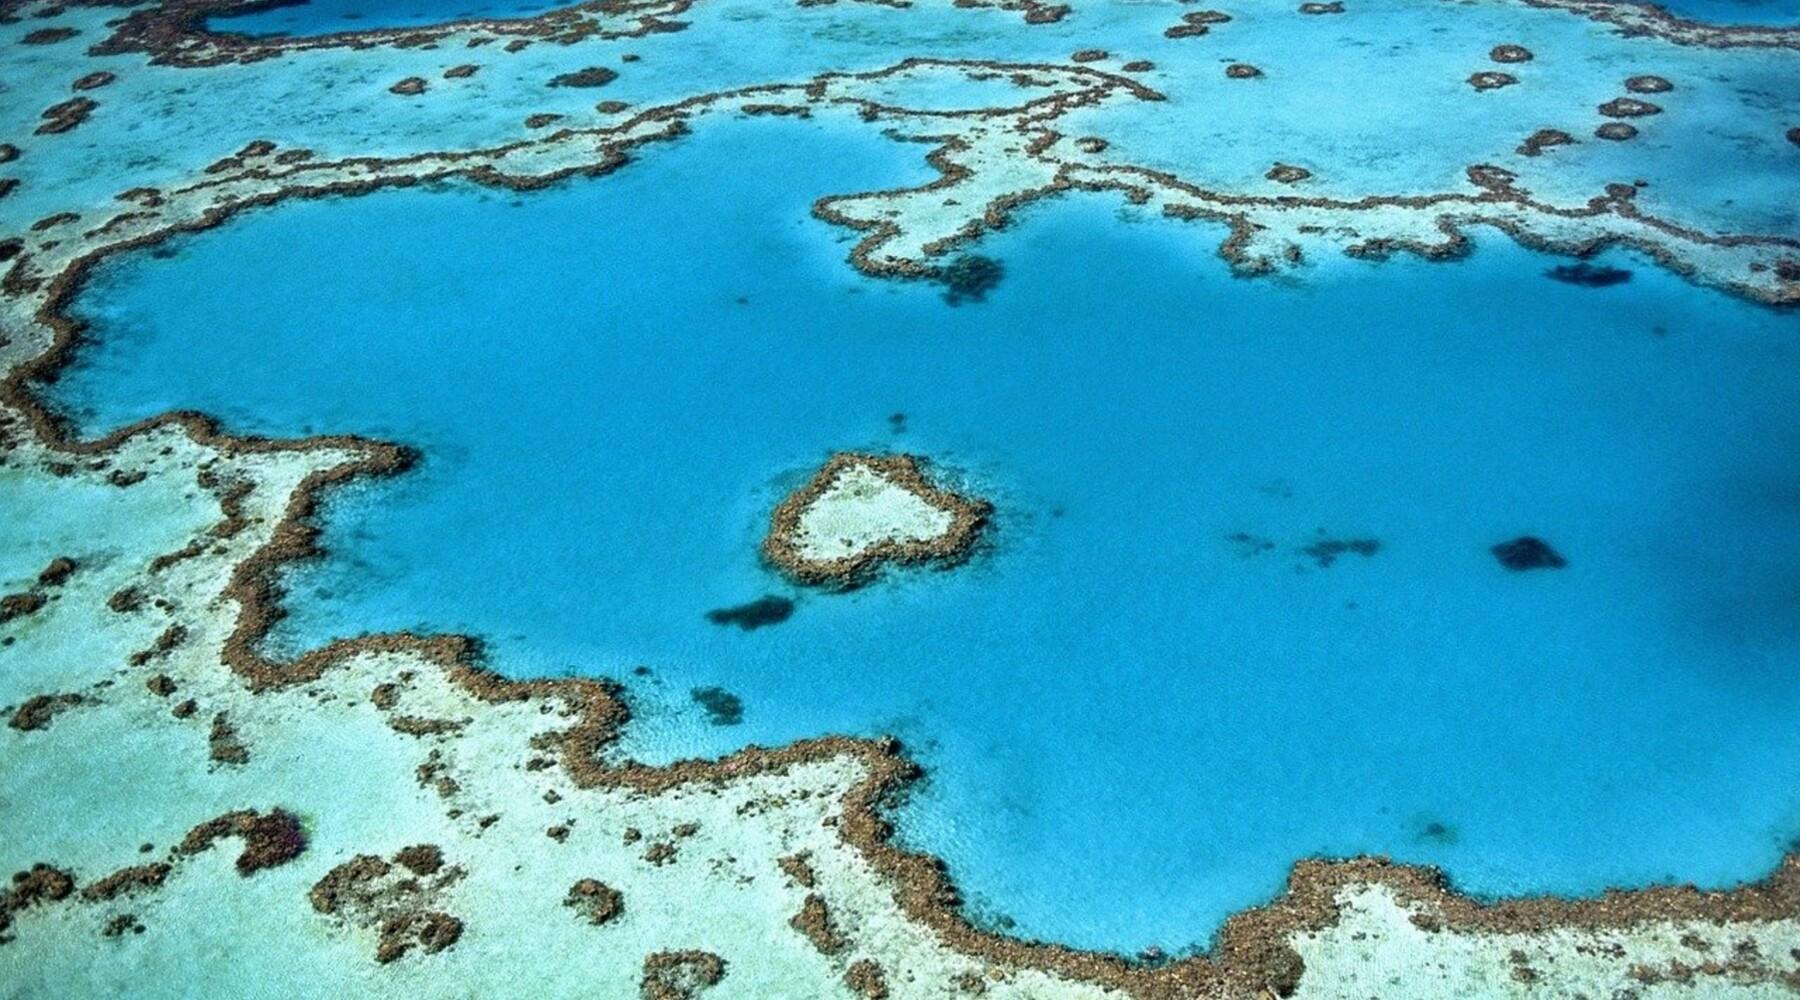 Les coraux, ces récifs essentiels mais fragiles